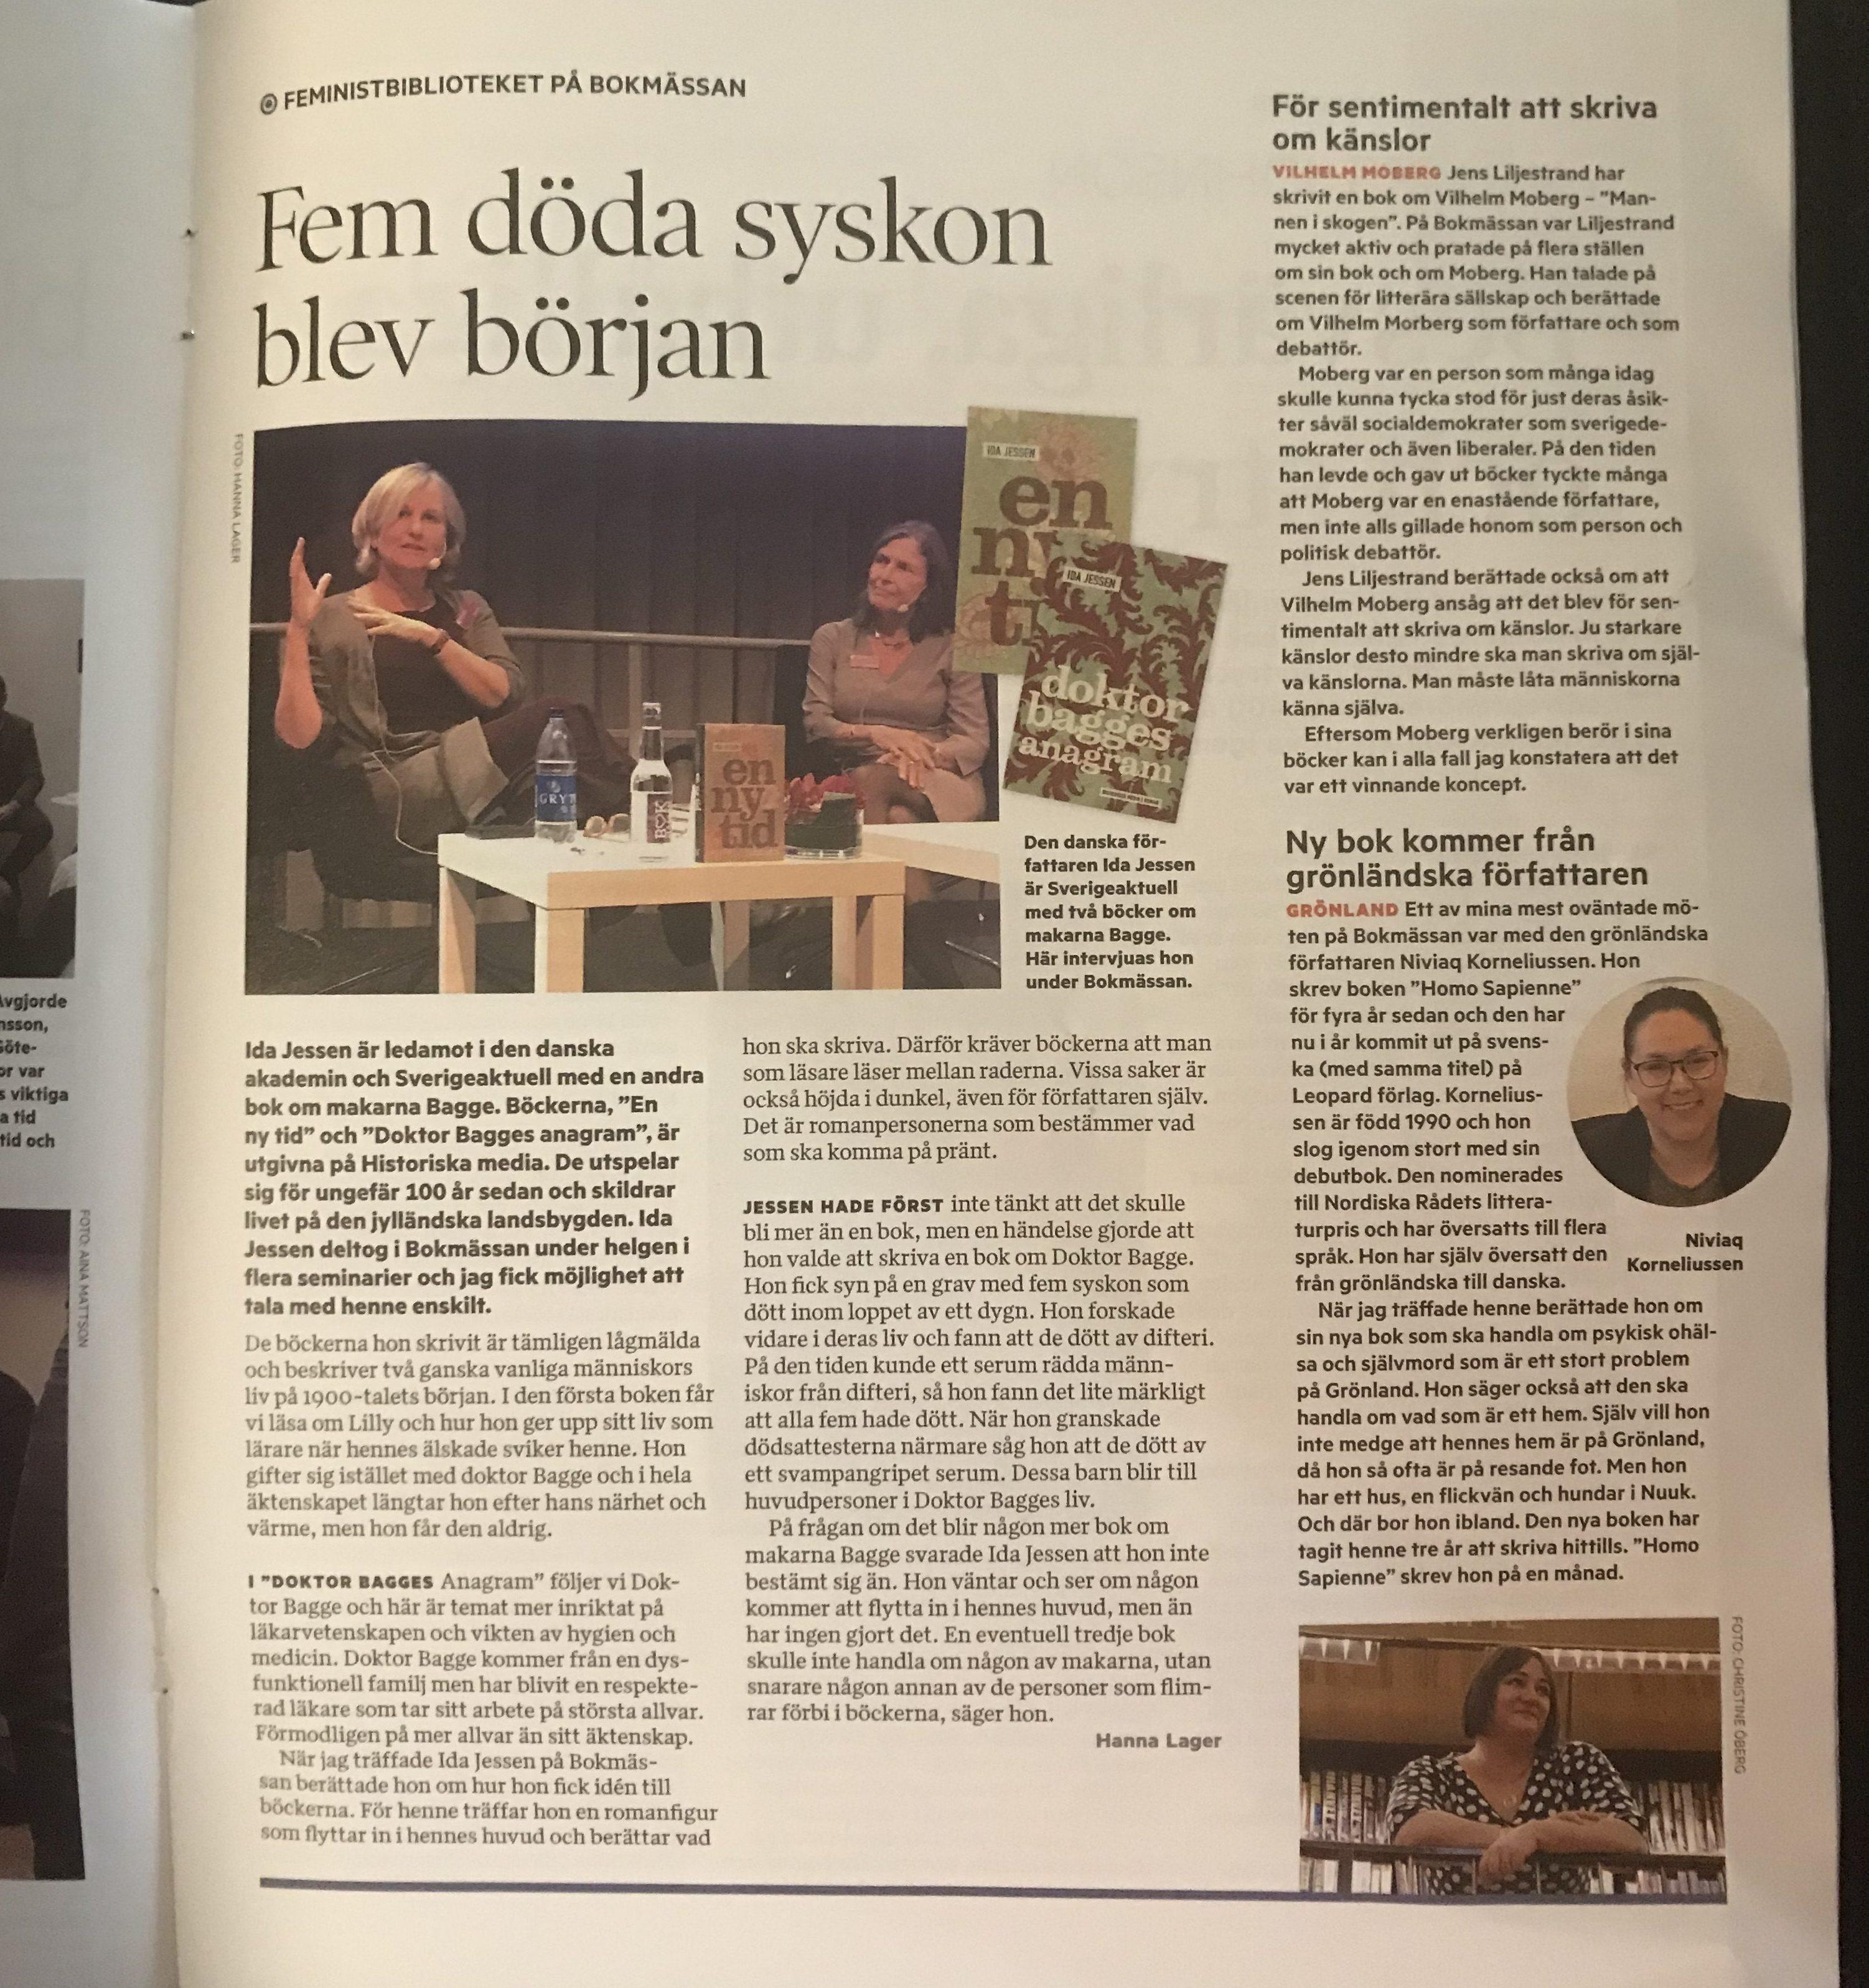 Om bokmässan 2018 i Tidningen Nu